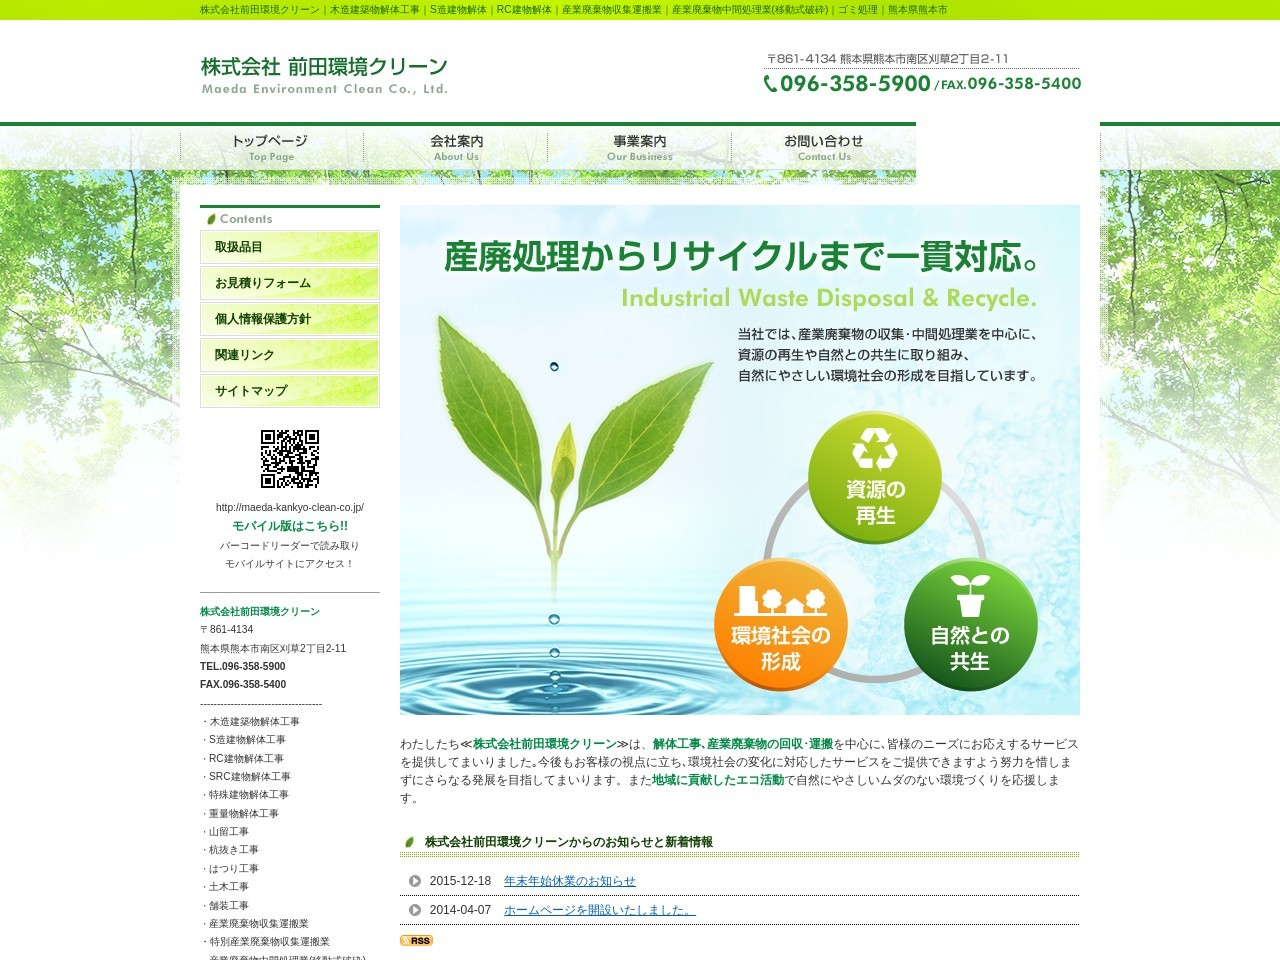 株式会社前田環境クリーン